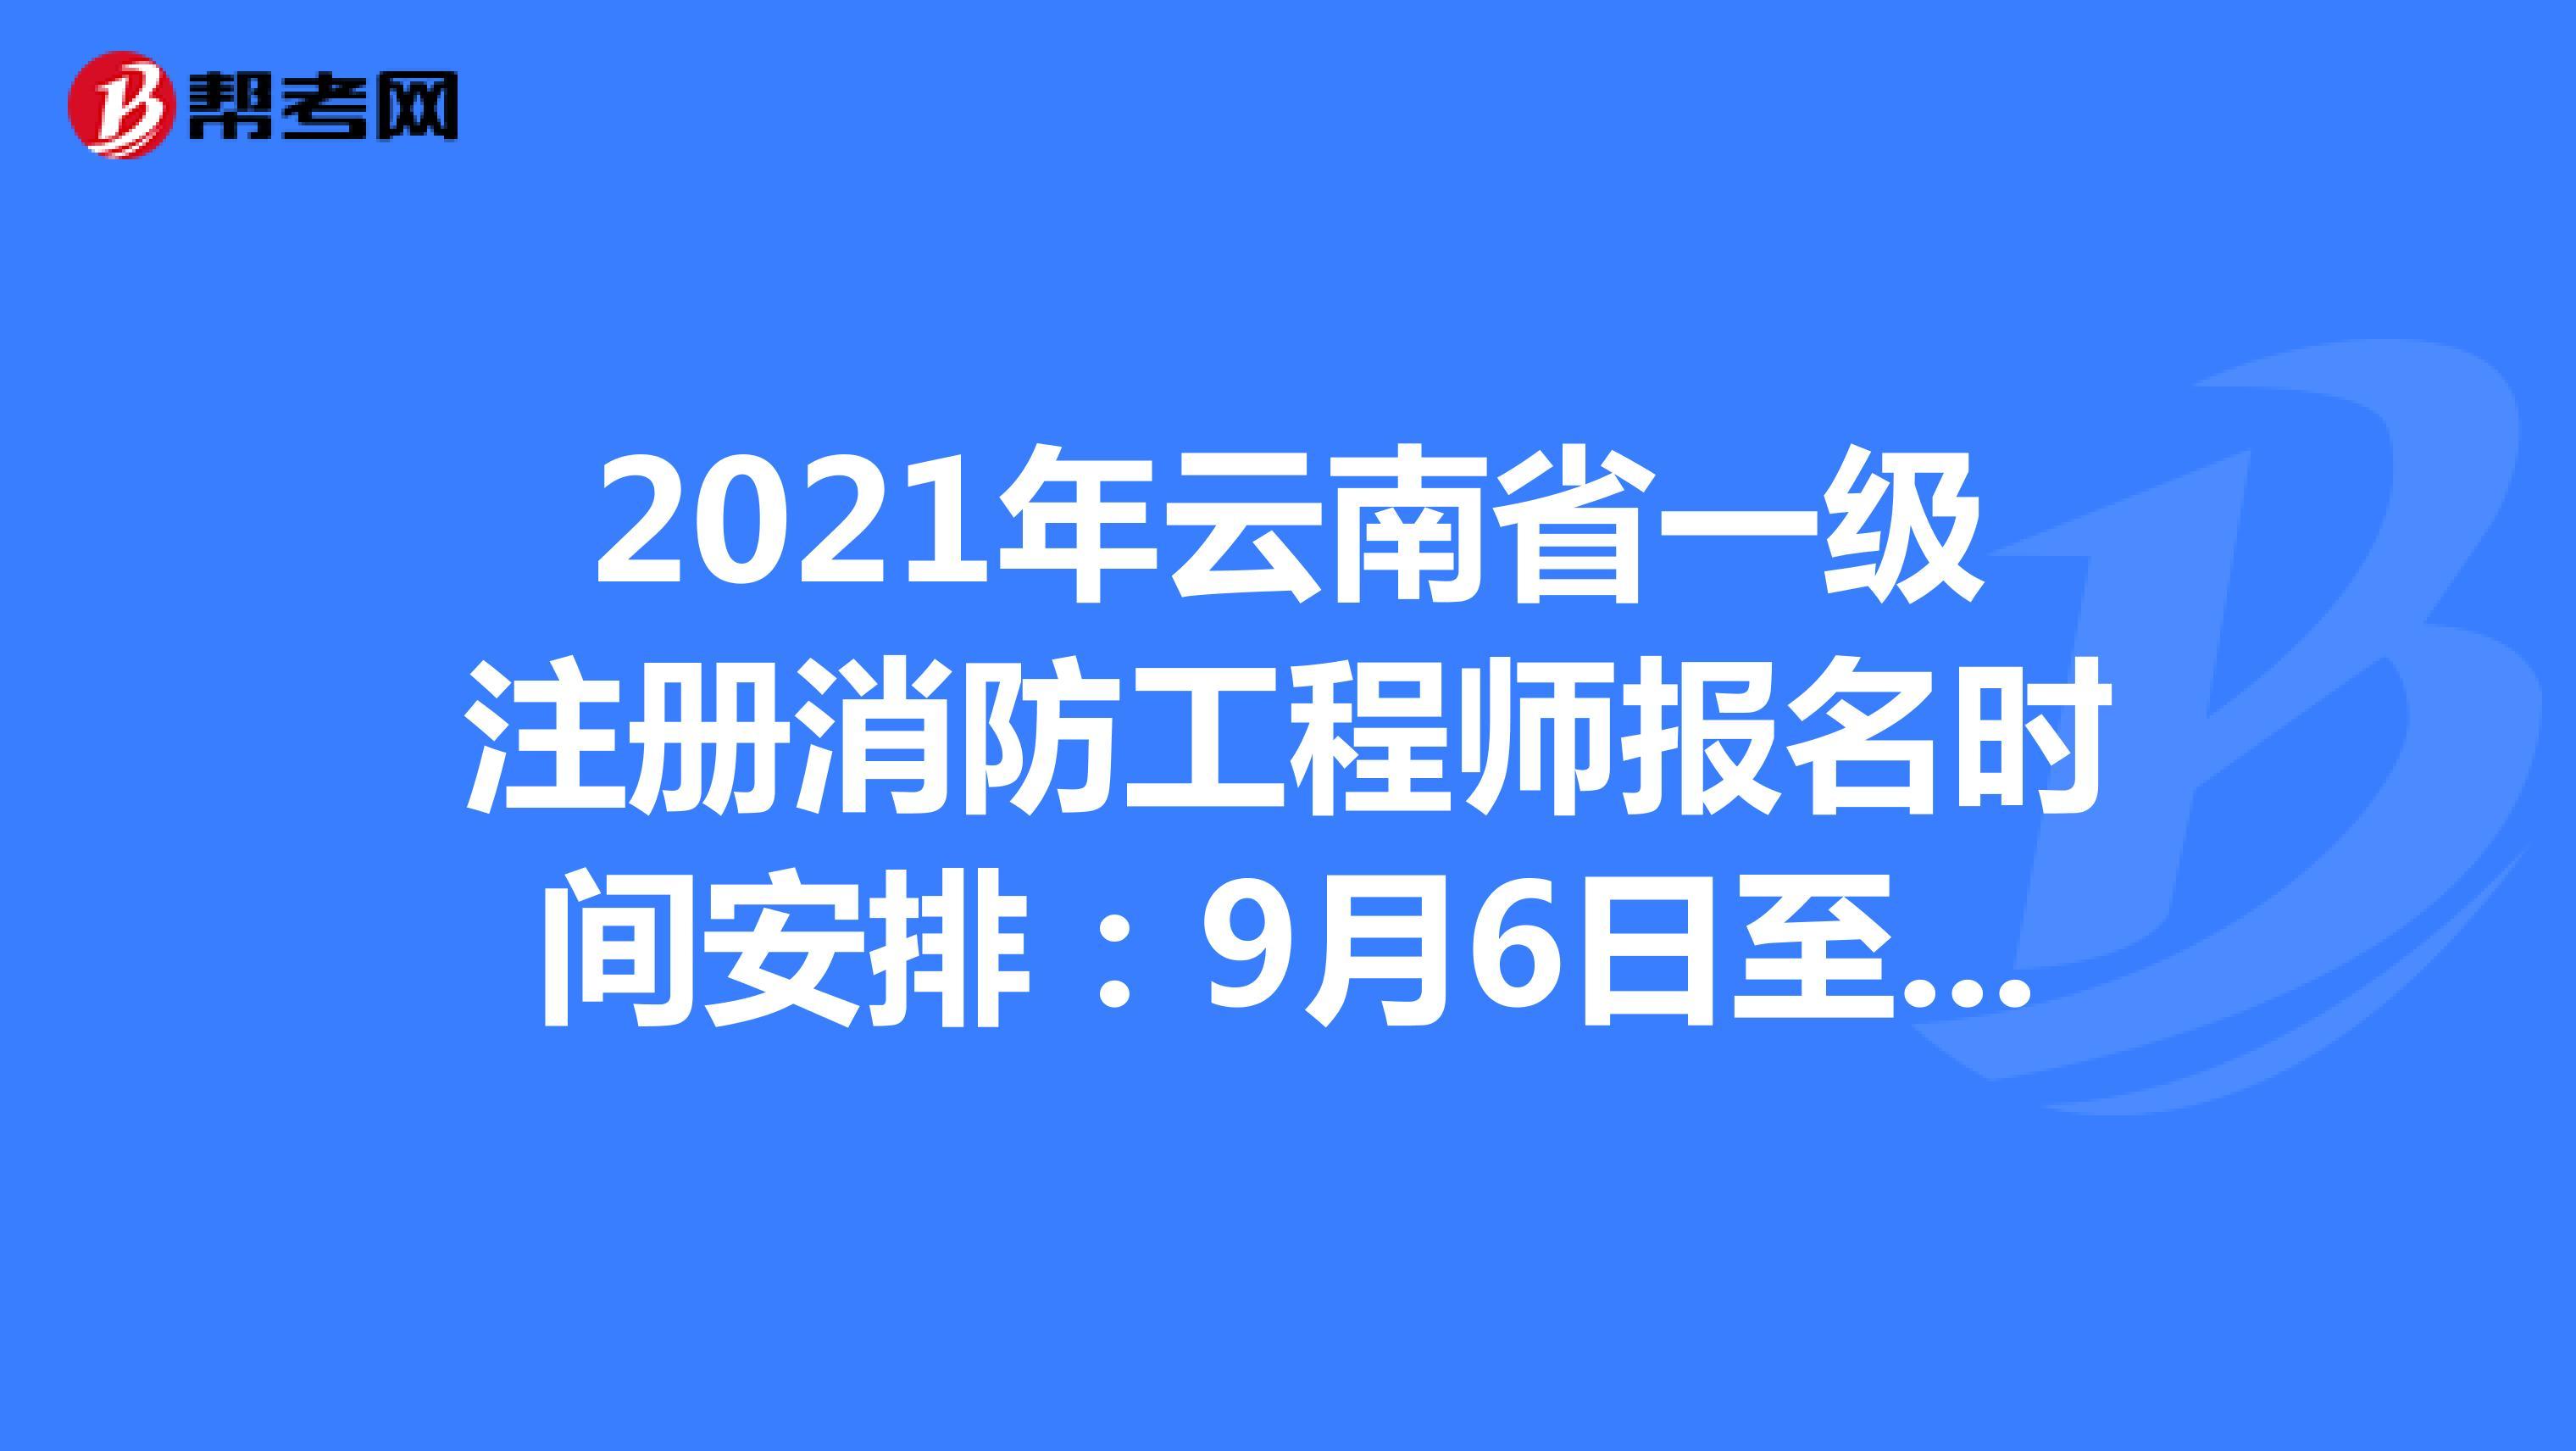 2021年云南省一级注册消防工程师报名时间安排:9月6日至9月13日